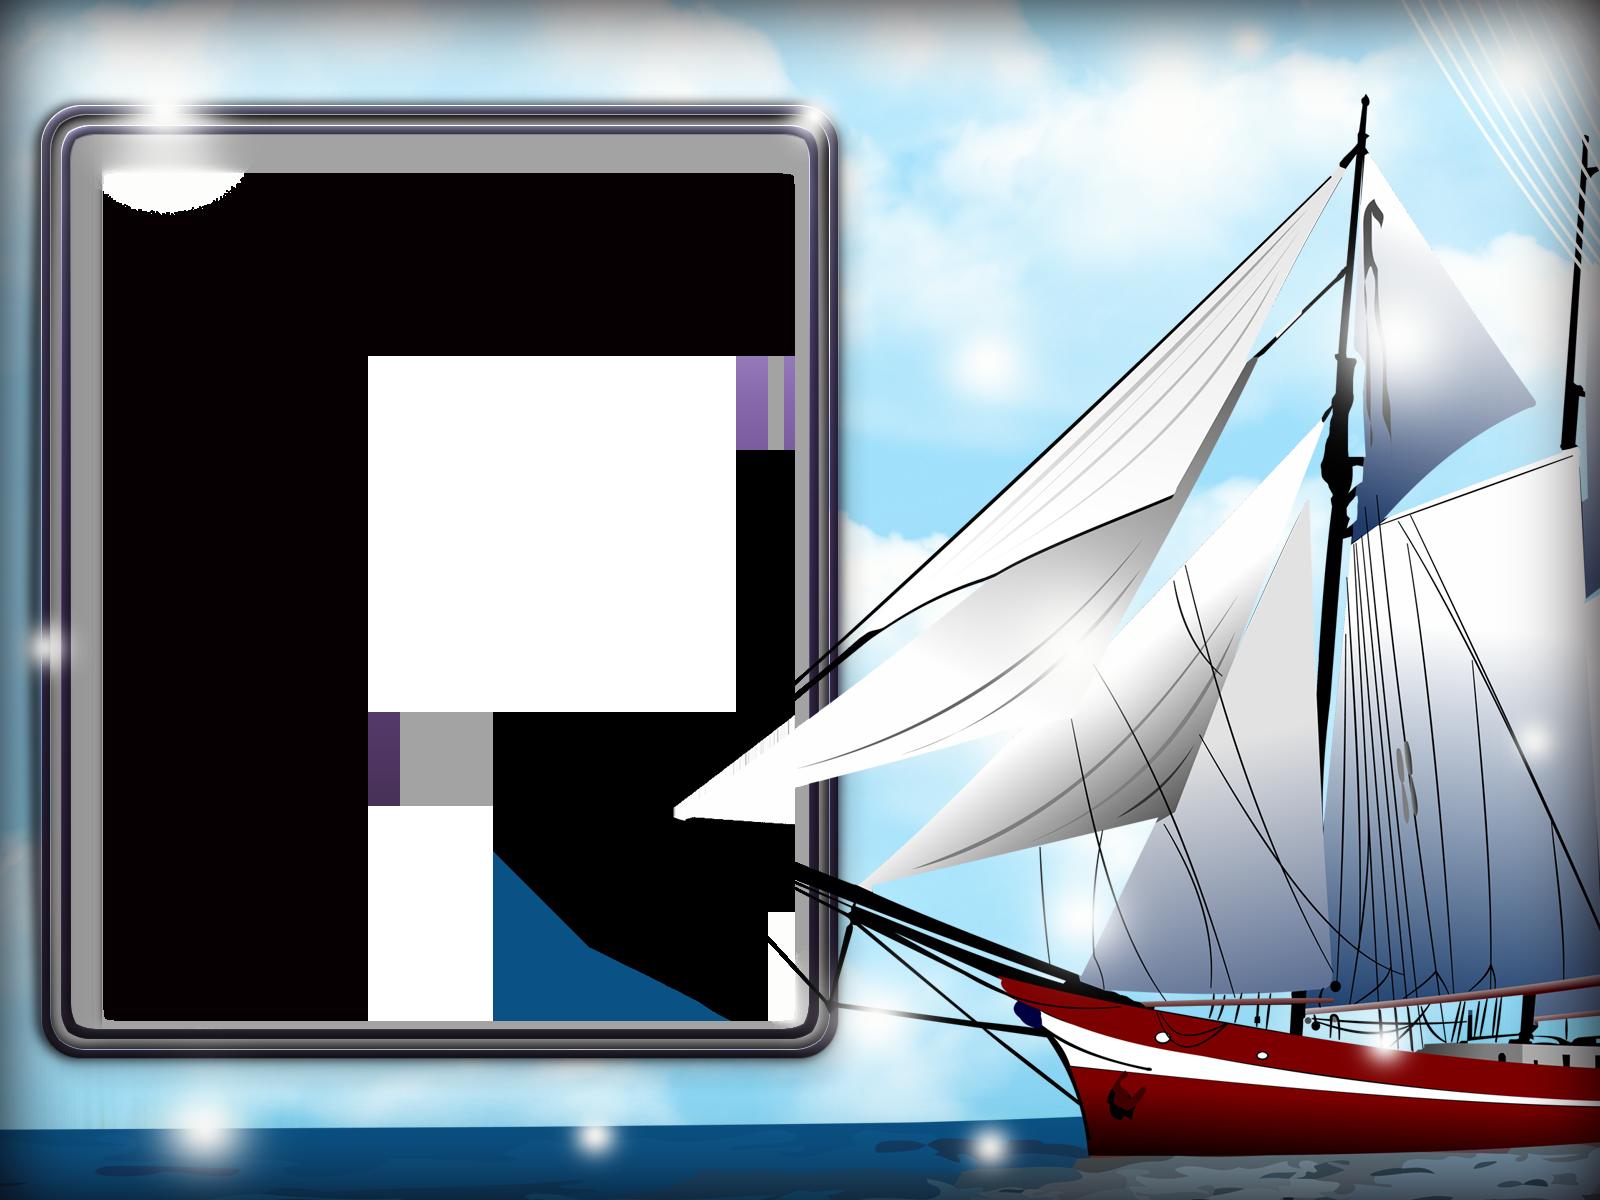 Фоторамка Фоторамка с парусником Фоторамка для фотошопа, PNG шаблон. Морская фоторамка с парусником. Кораблик, рамка для мальчиков, море.